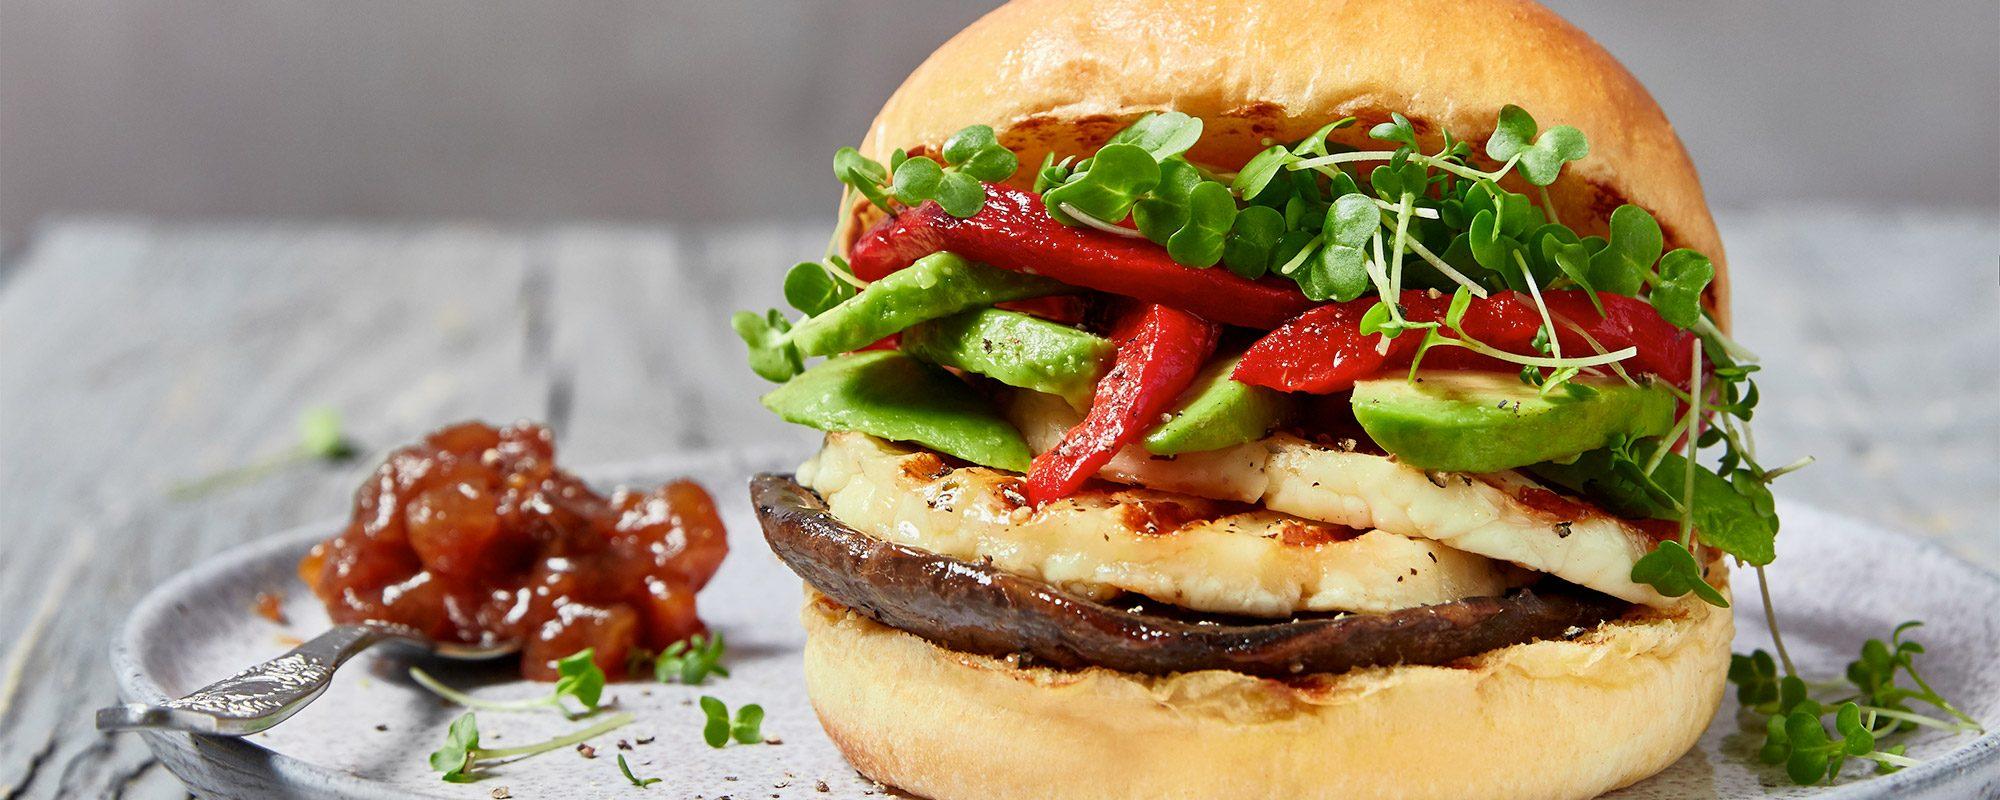 Halloumi and cress burger